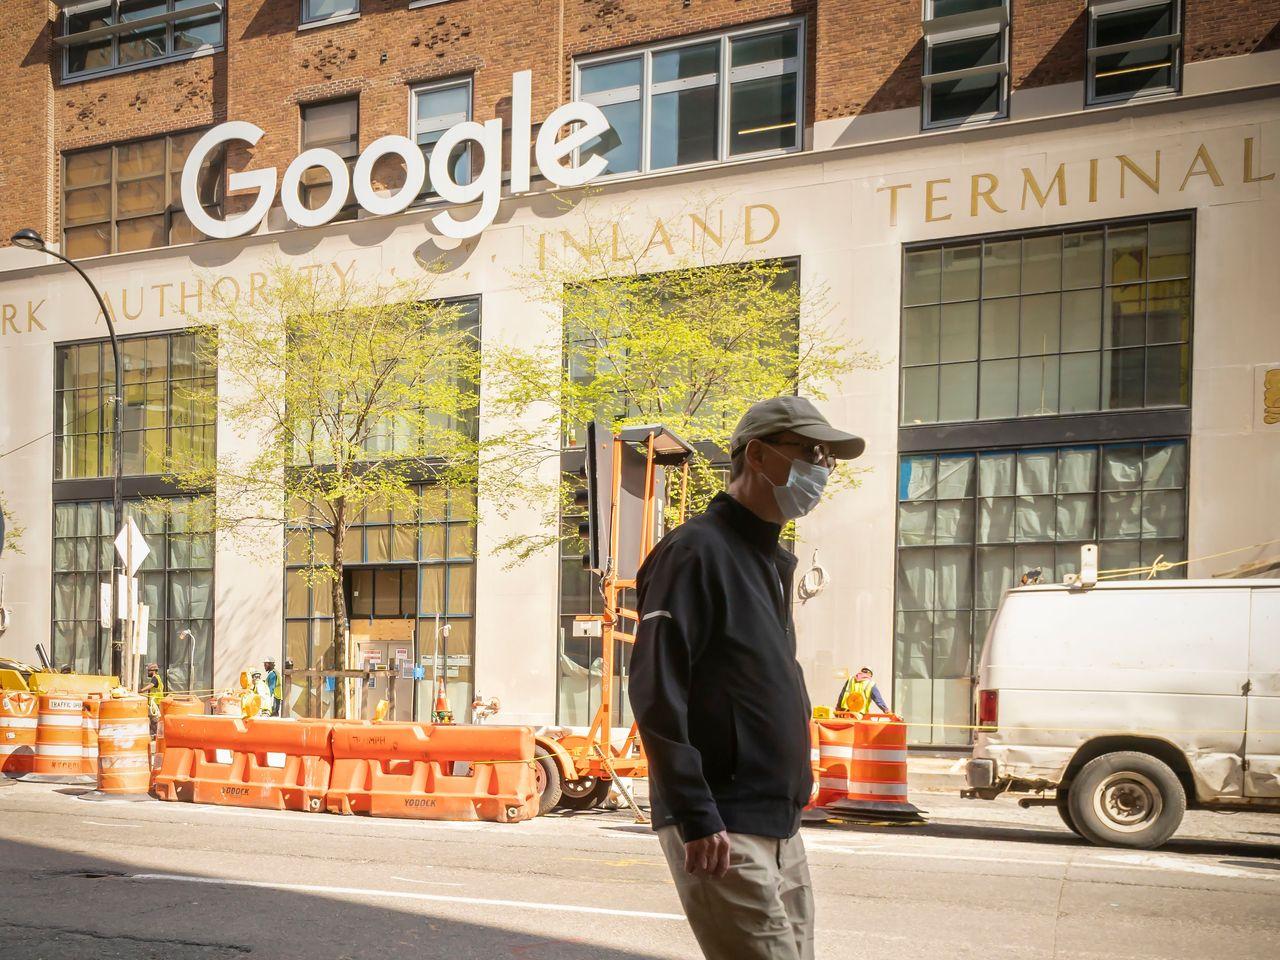 Google bị kiện vì độc quyền công nghệ quảng cáo 2